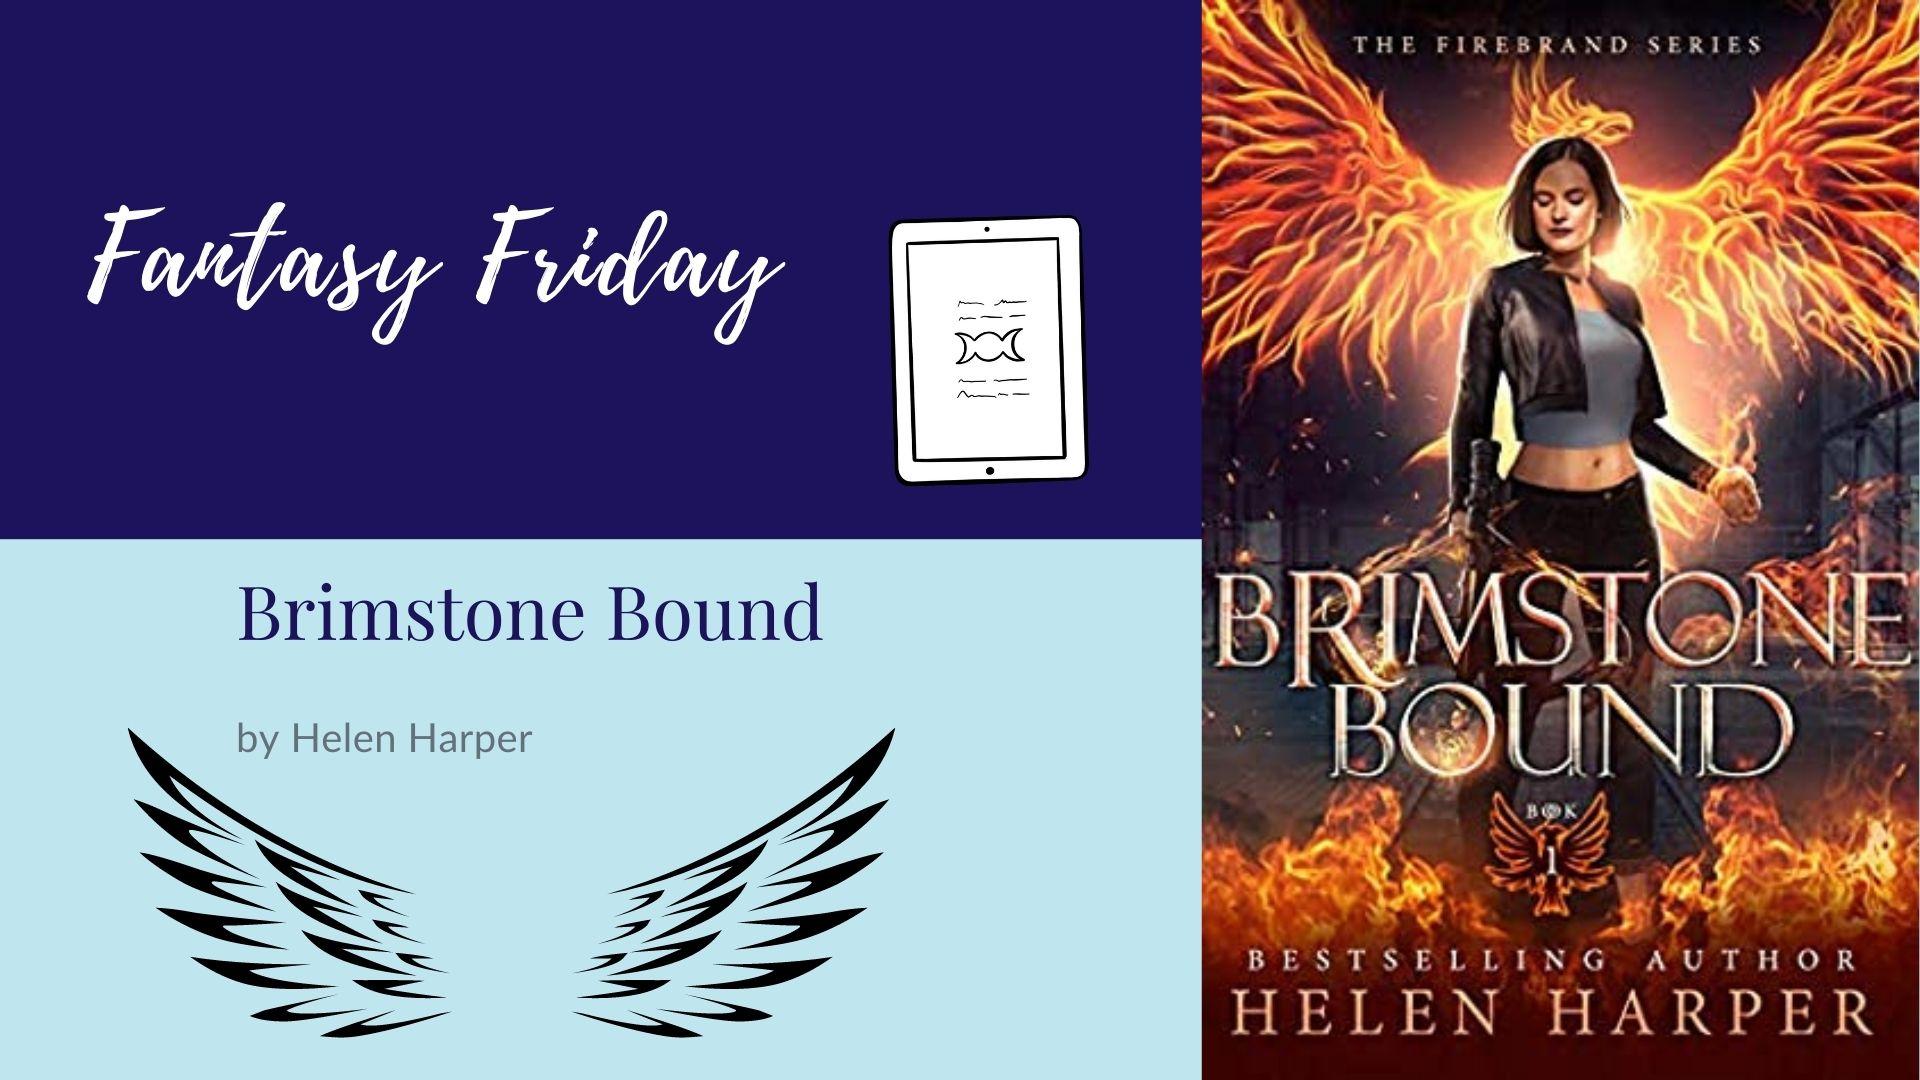 Fantasy Friday: Brimstone Bound by Helen Harper